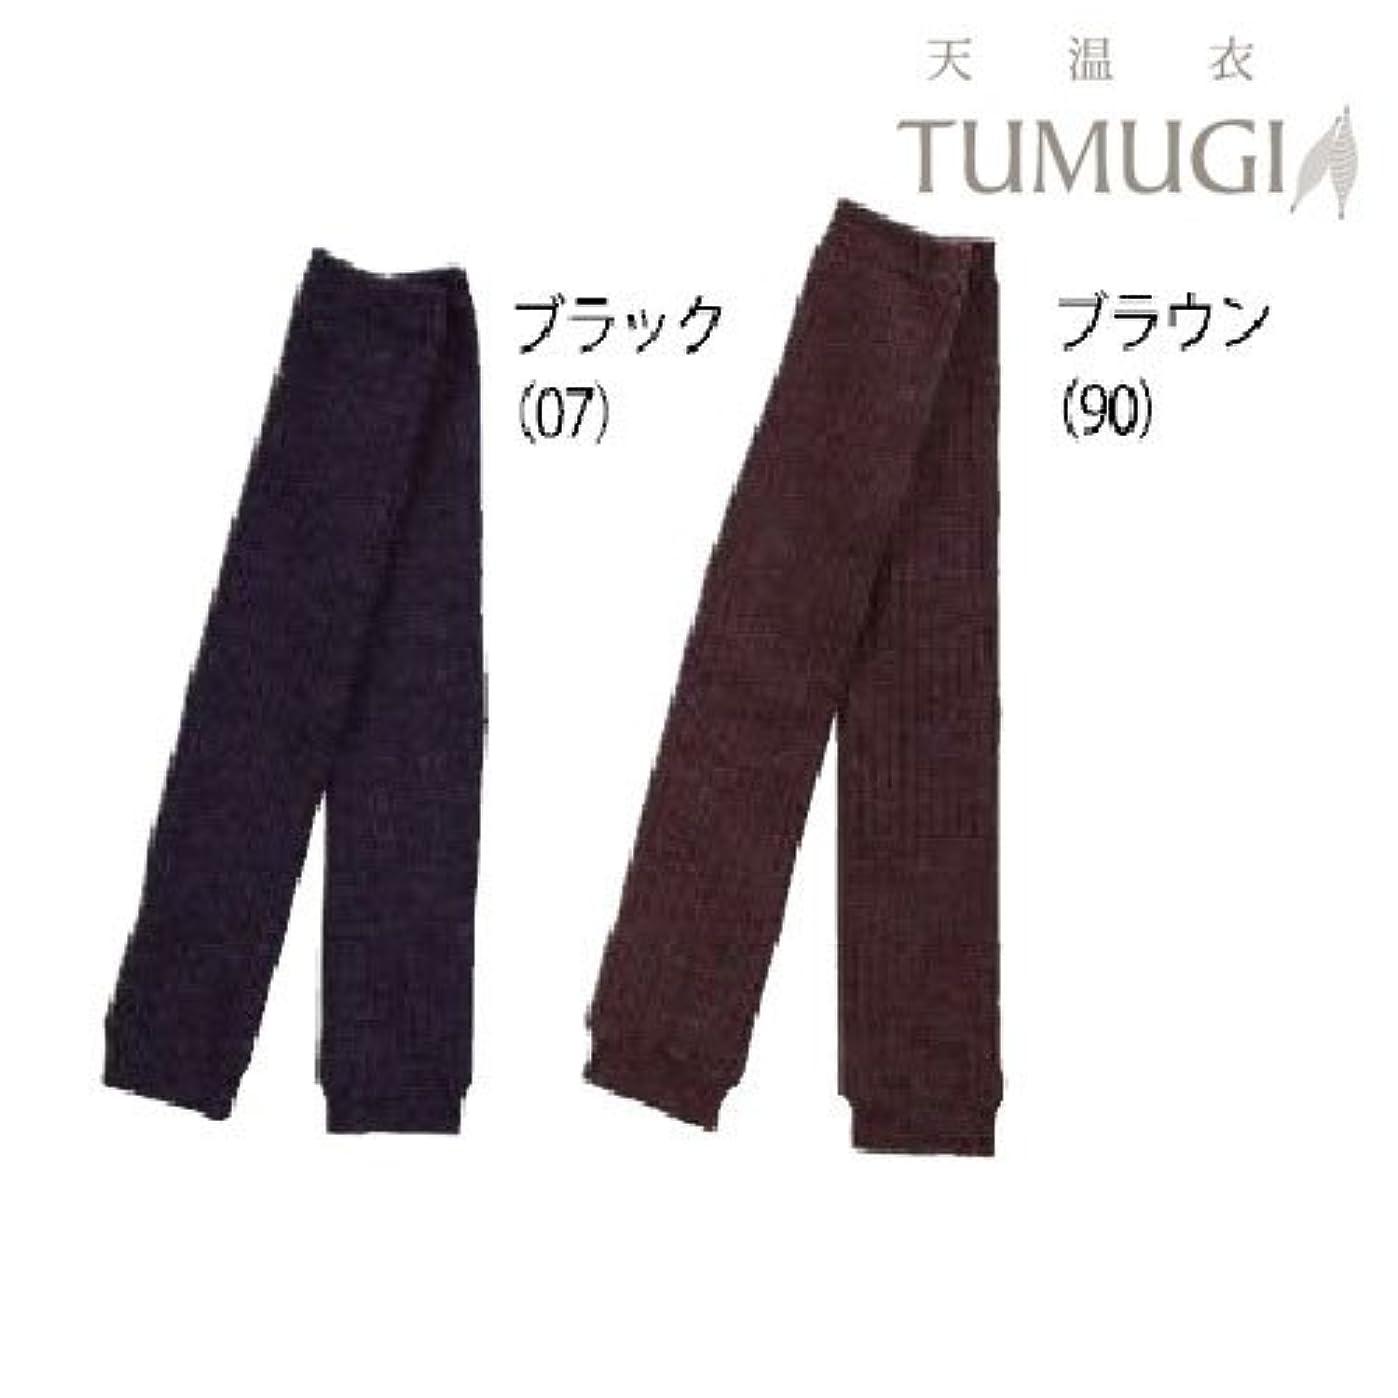 マチュピチュ適切に農業の天温衣TUMUGI  ウールとシルクの2重編みレッグウォーマー (ブラック(黒))